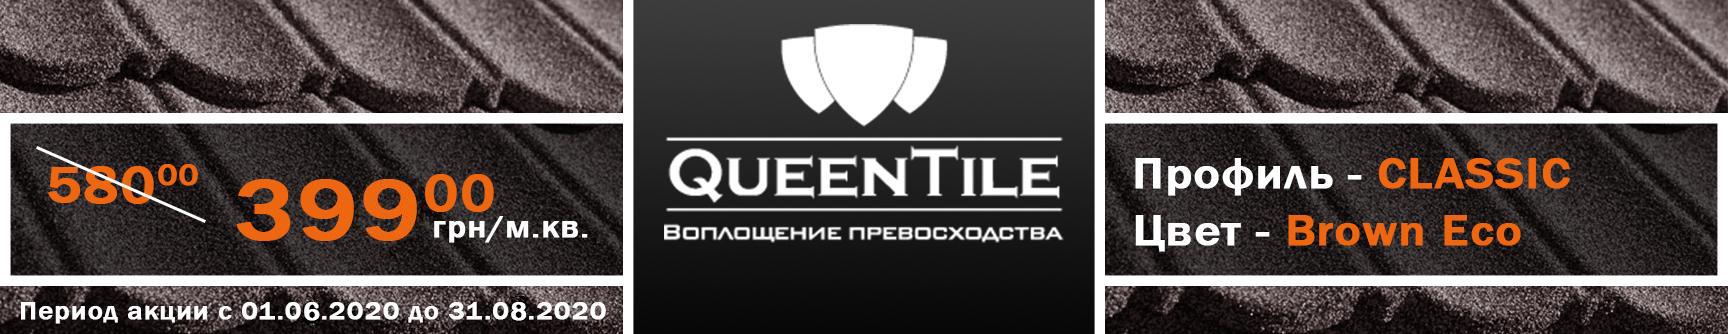 Композитная черепица Queentile Classic Brown Eco — 399 грн/кв.м !